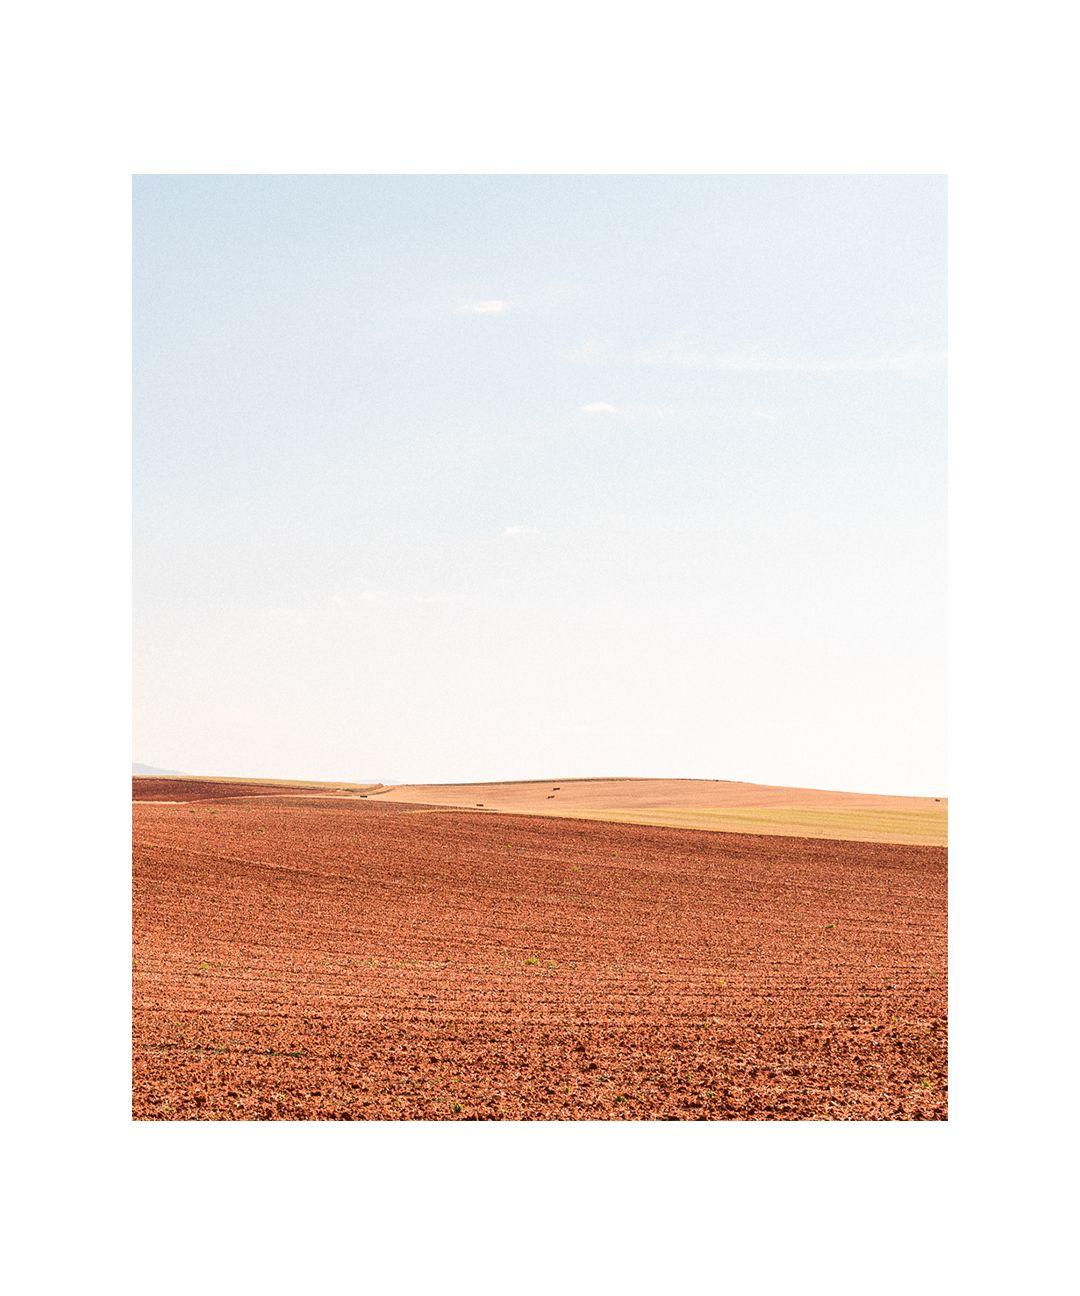 La tierra amarilla